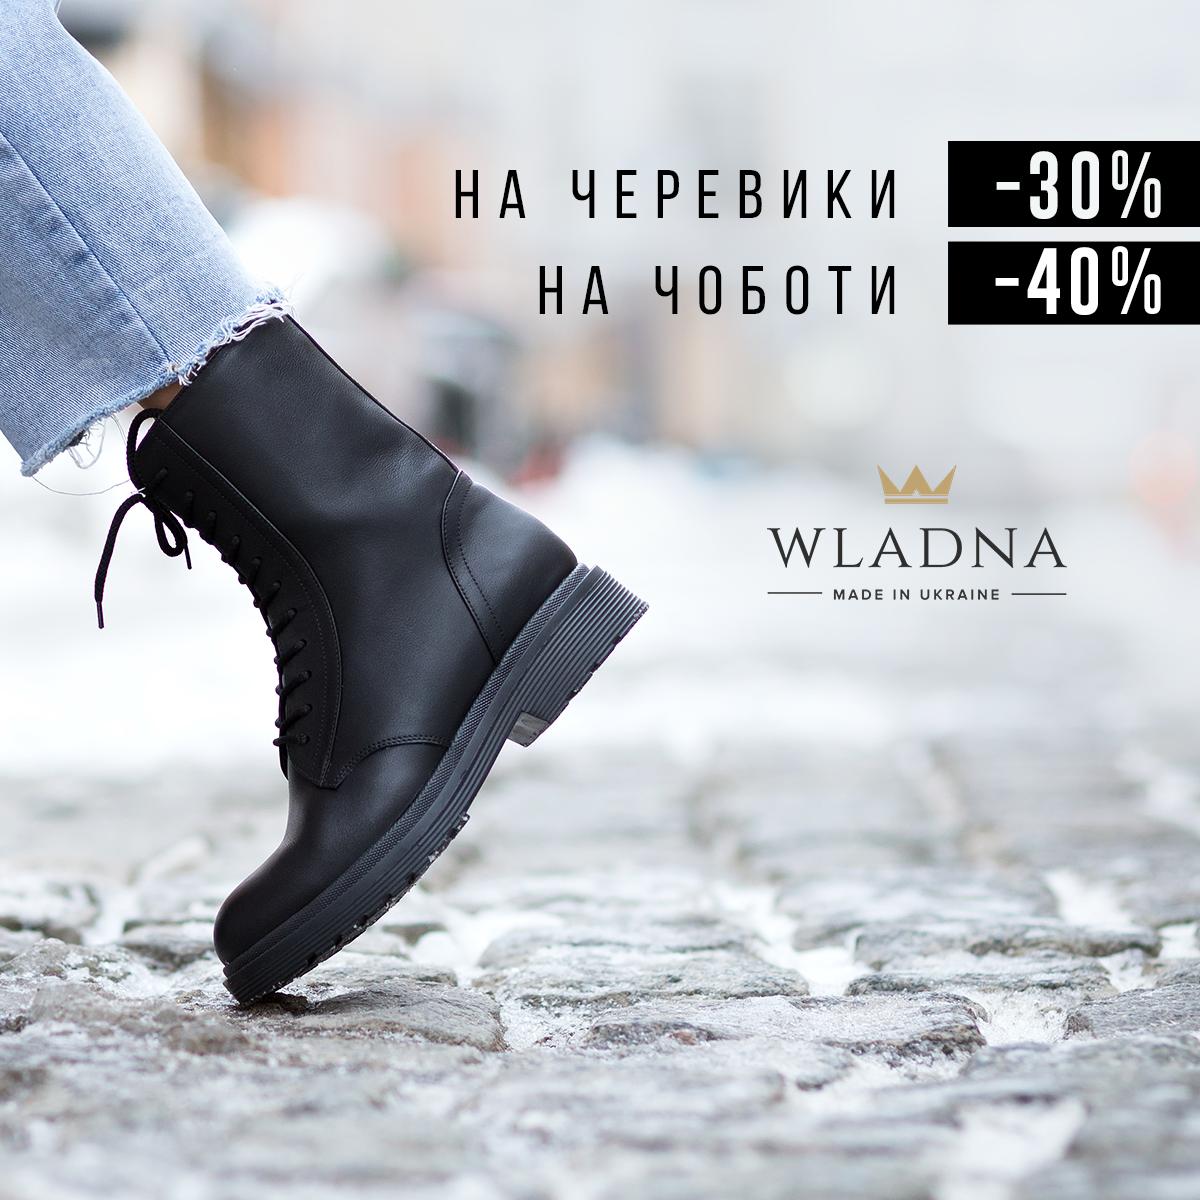 0d4d406744e32 Зимний SALE - Женская обувь от производителя в Украине. Интернет ...